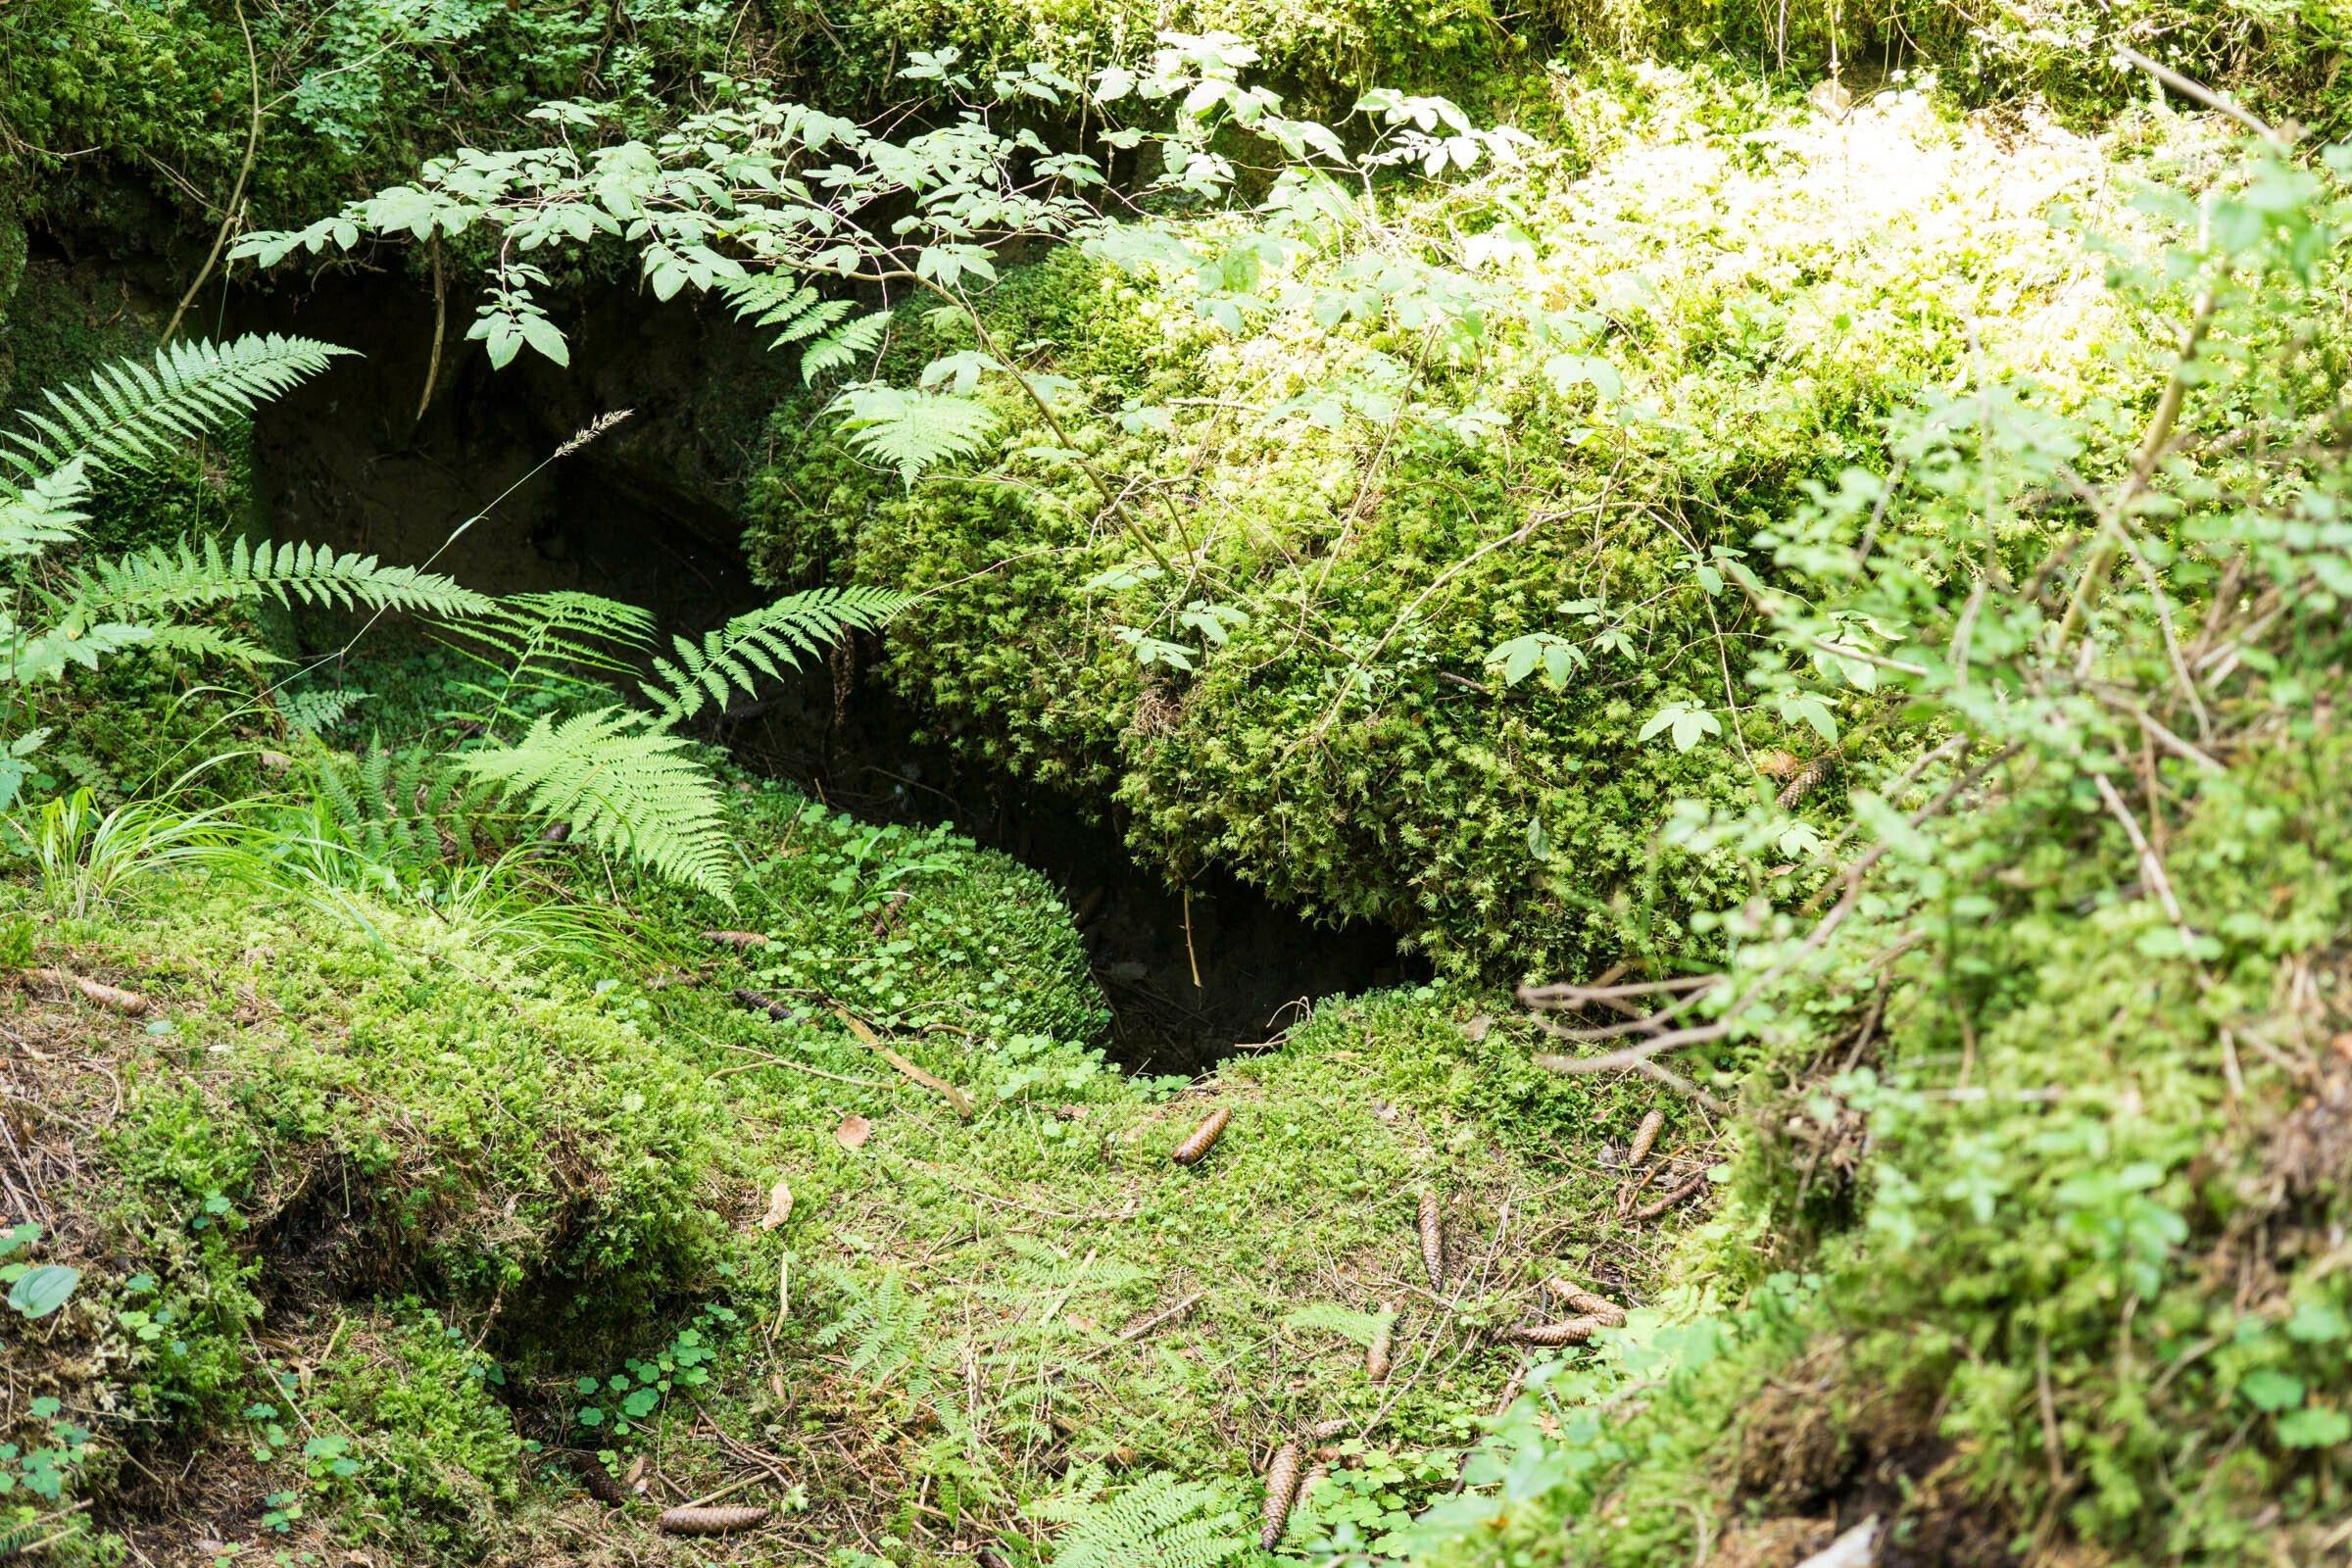 Großes dunkles Loch im Boden zwischen bemossten Felsen im Wald.